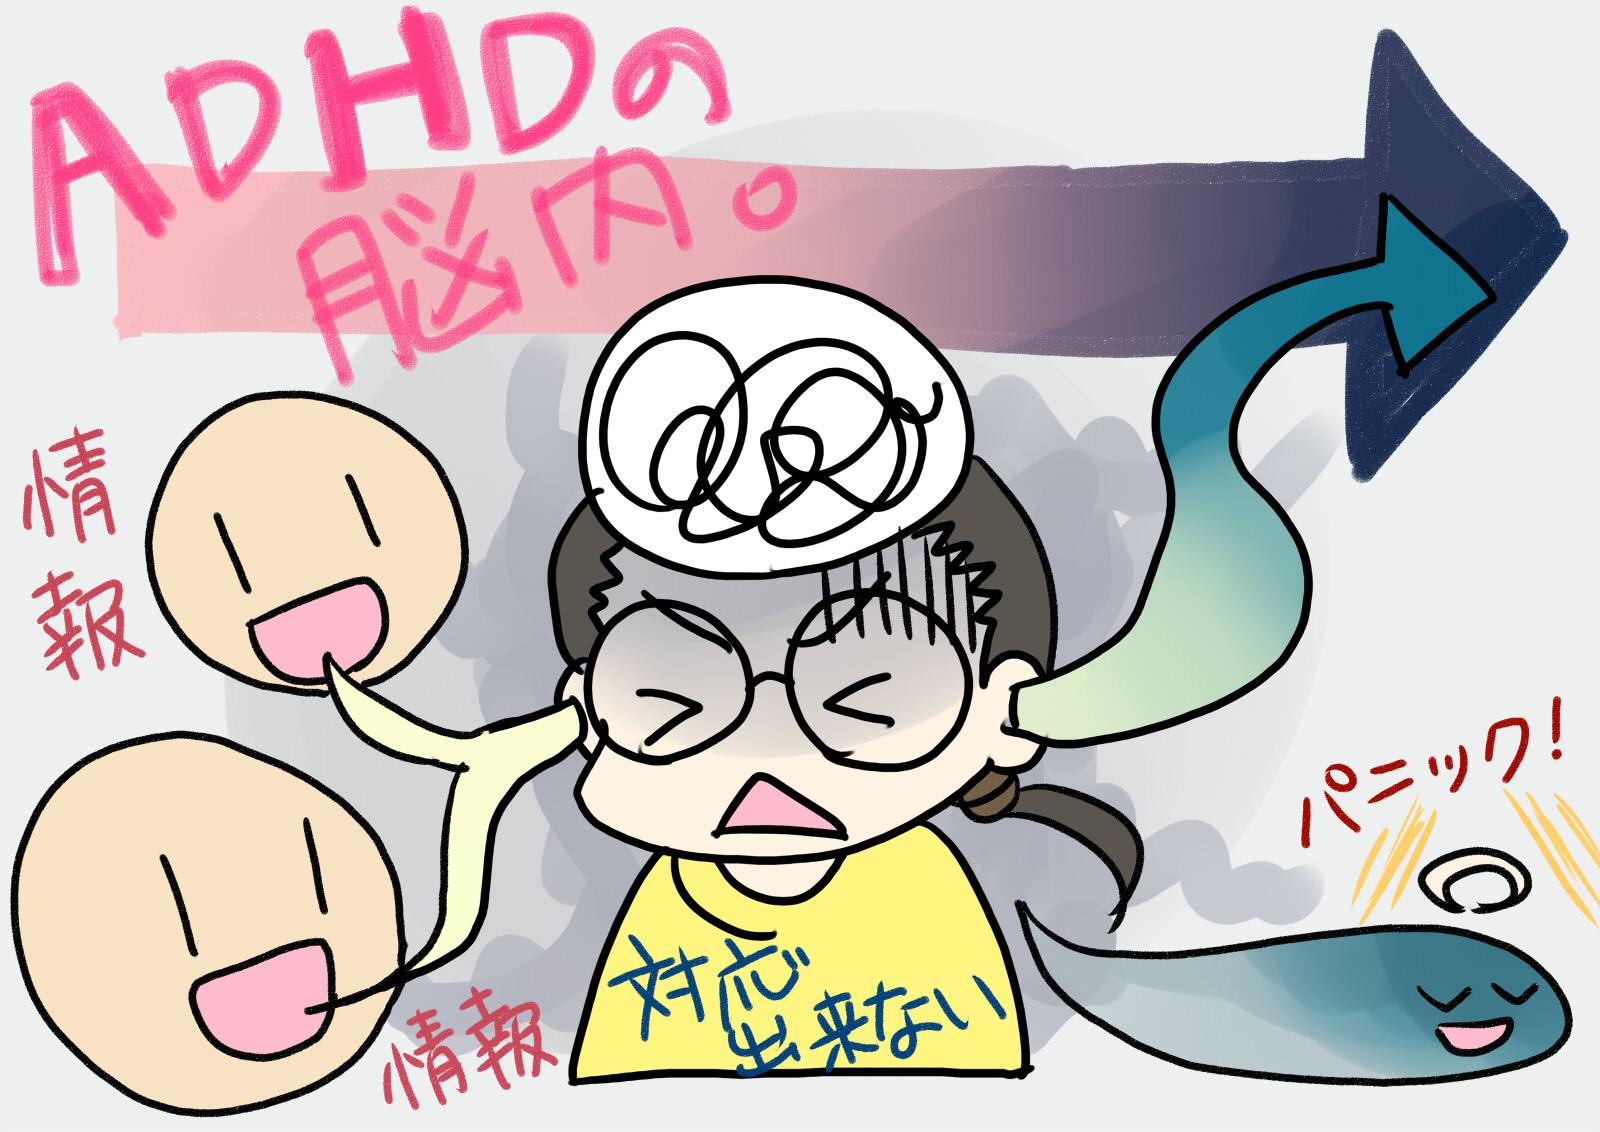 ADHD(注意欠如・多動症)とは何か。どんな発達障害なのか。